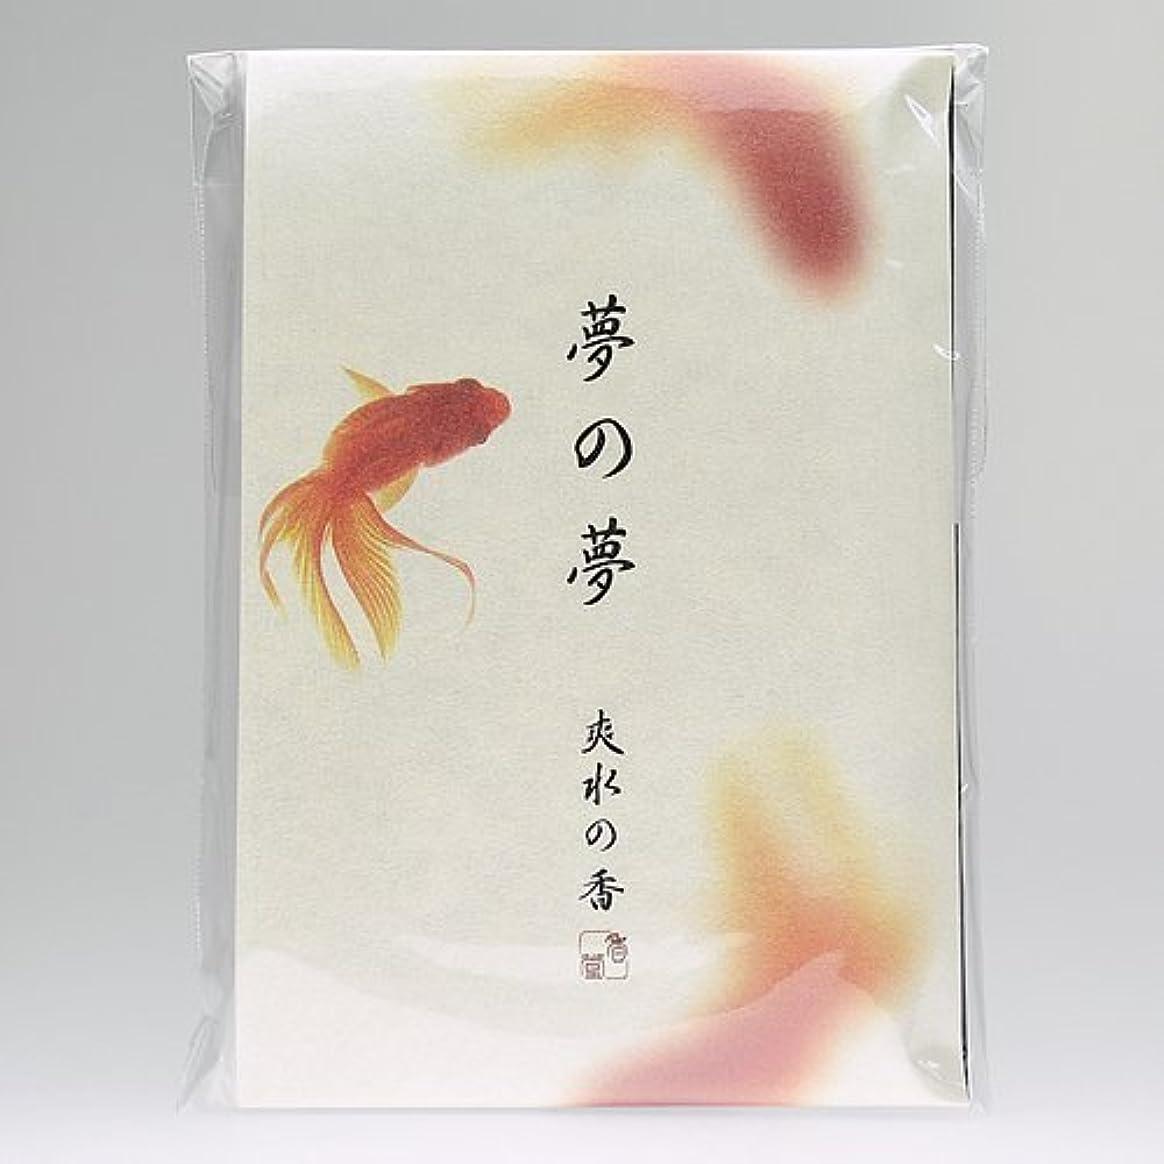 学生タックル高潔な夢の夢 爽水の香 (金魚) スティック12本入